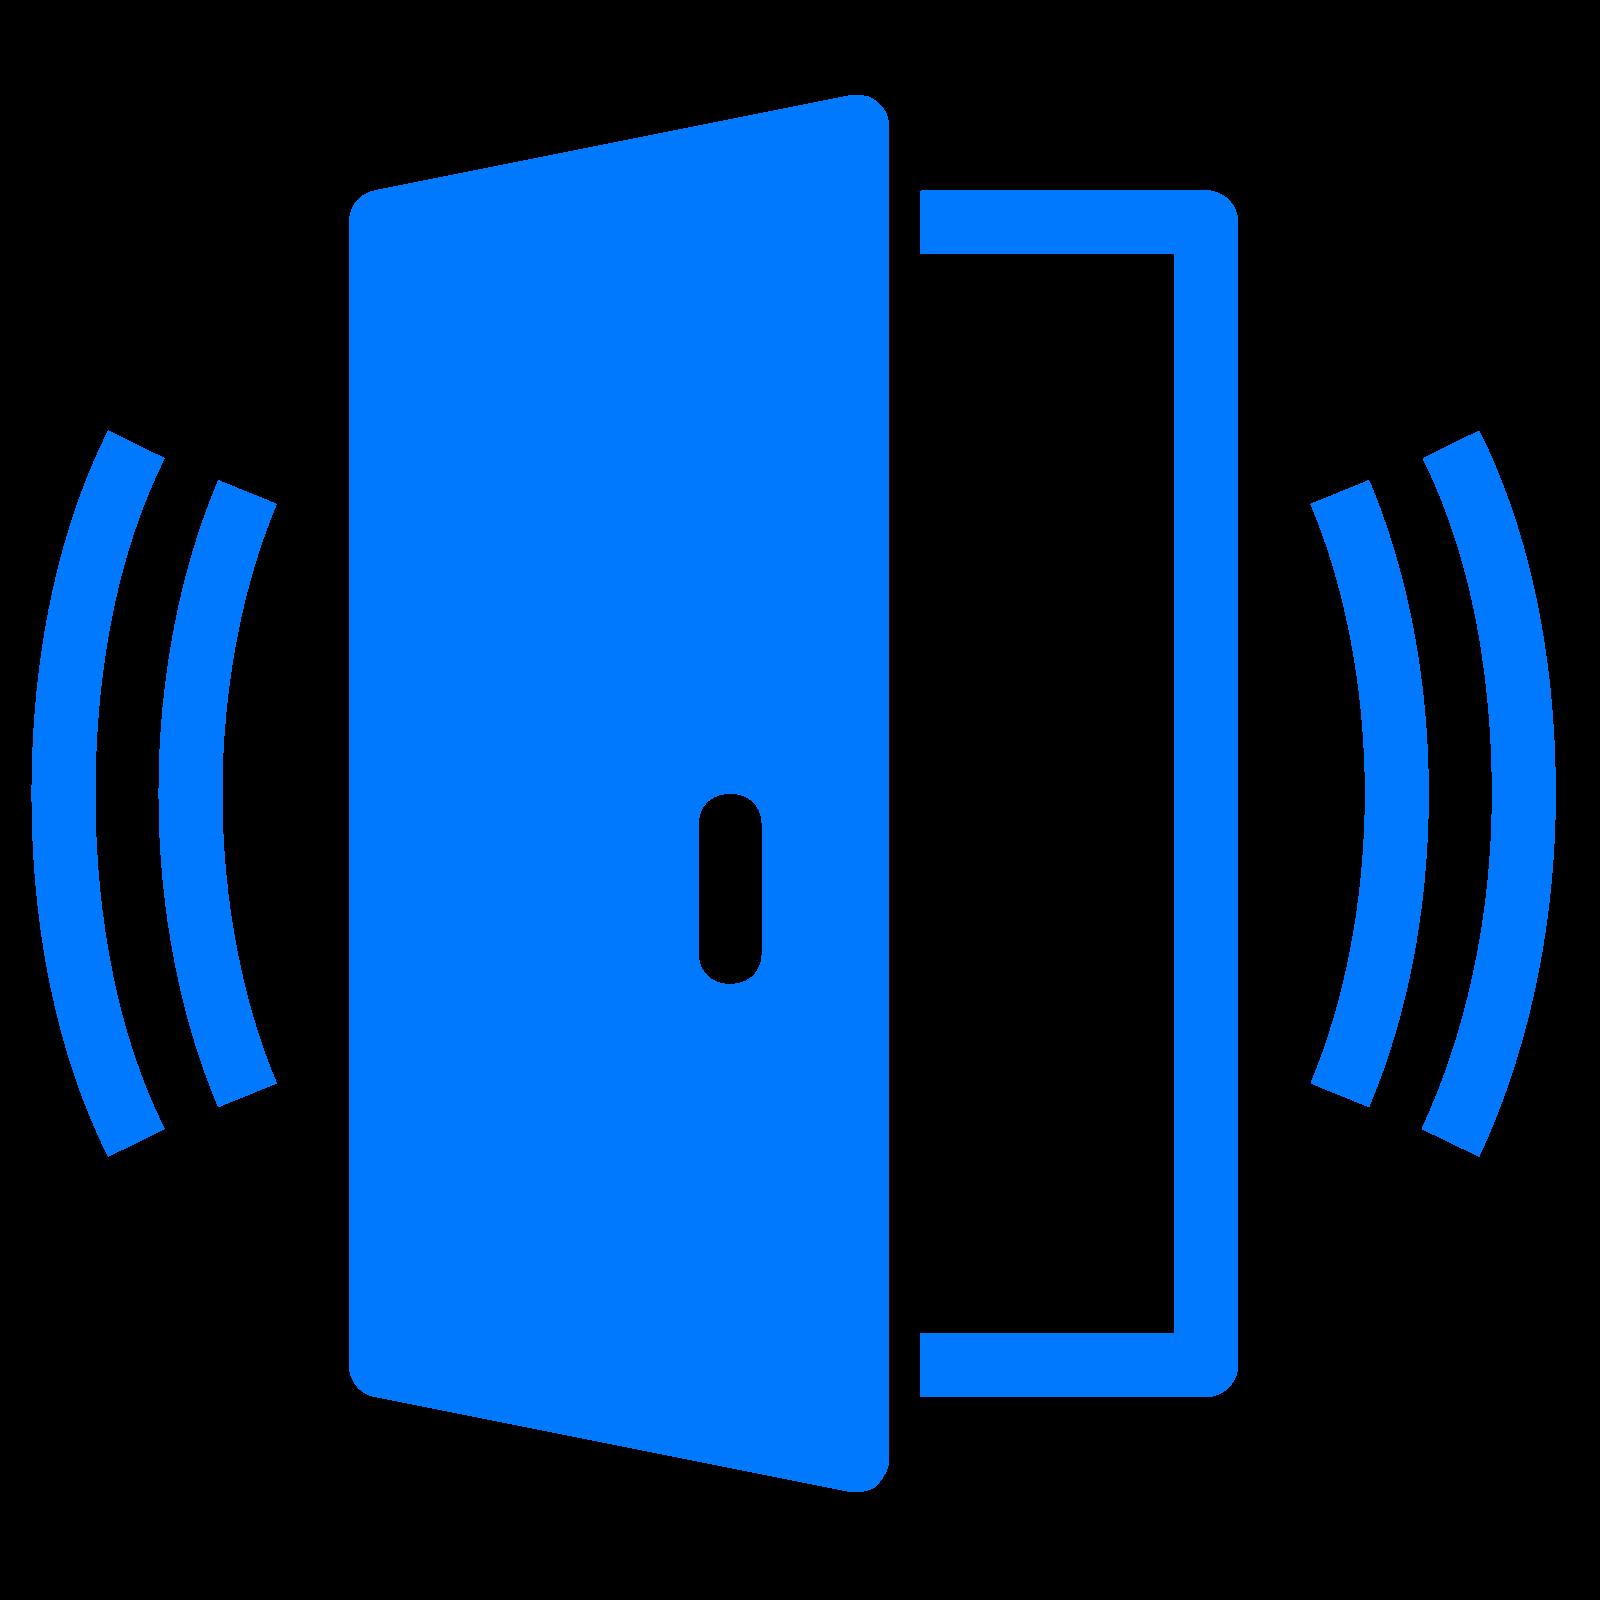 Door clipart blue door. Computer icons sensor security